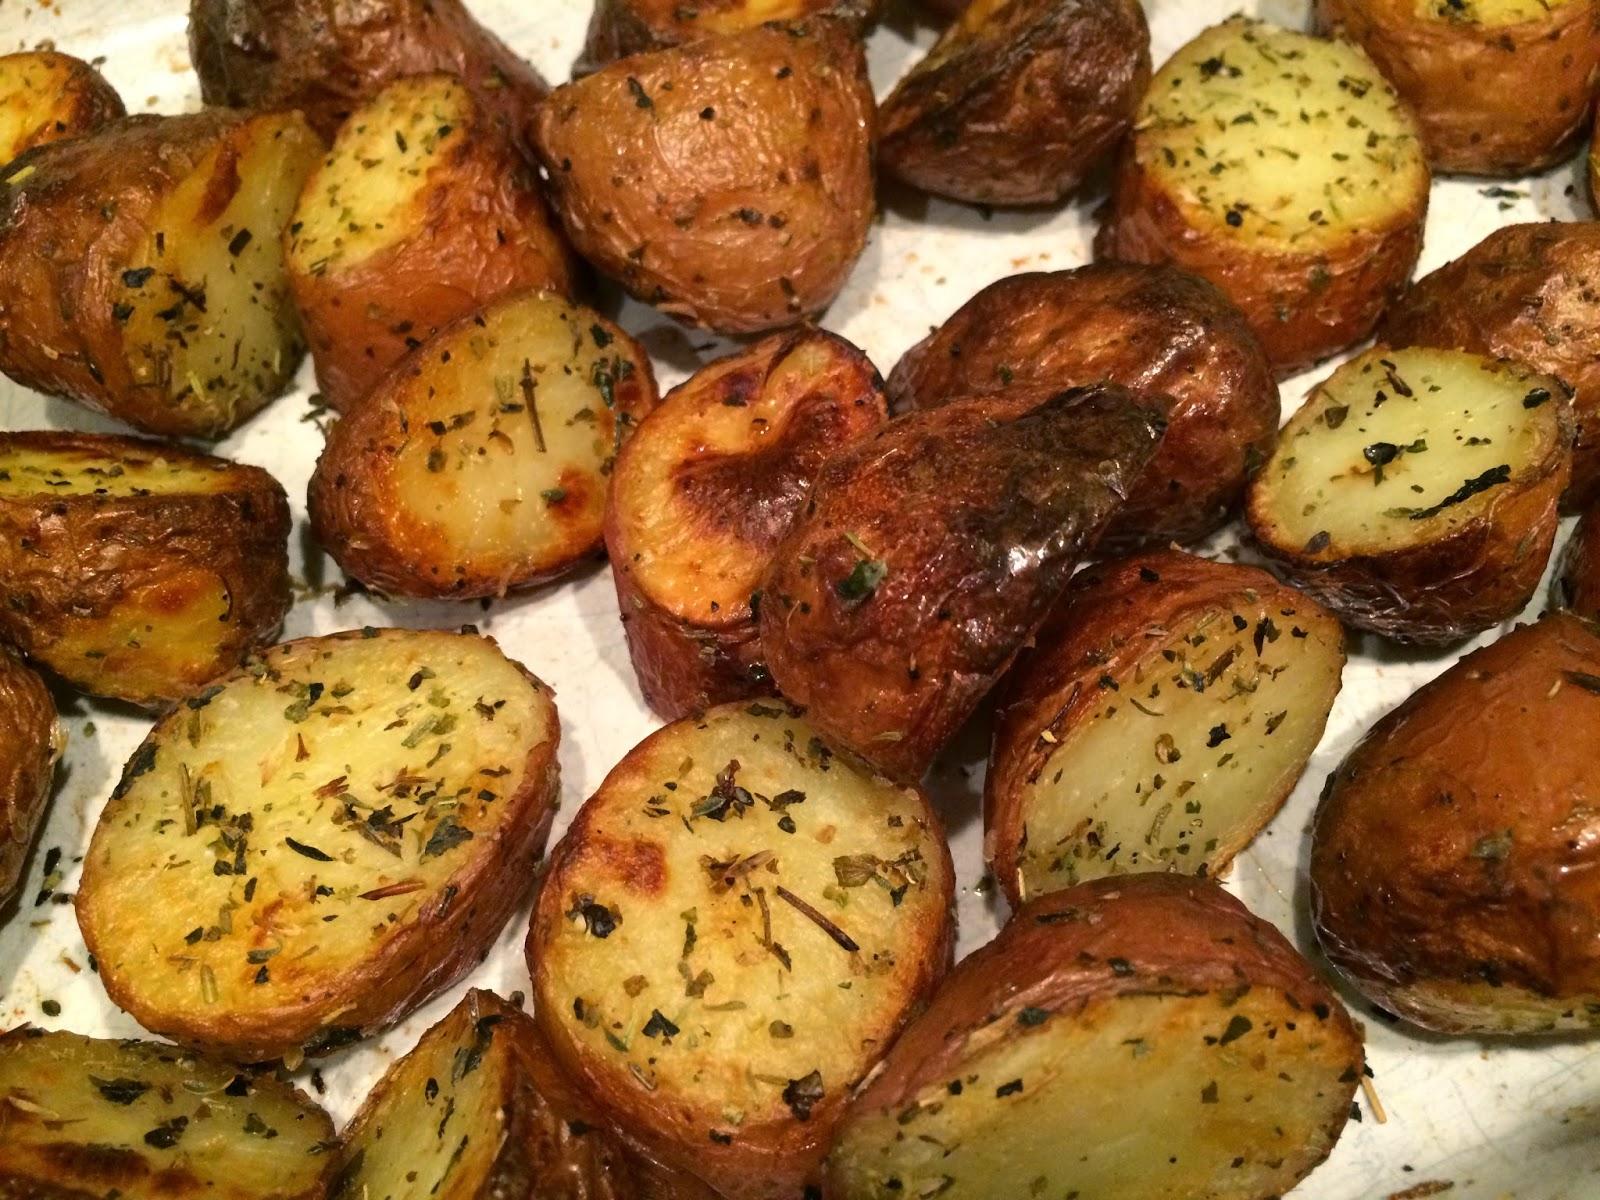 rode aardappel met schil